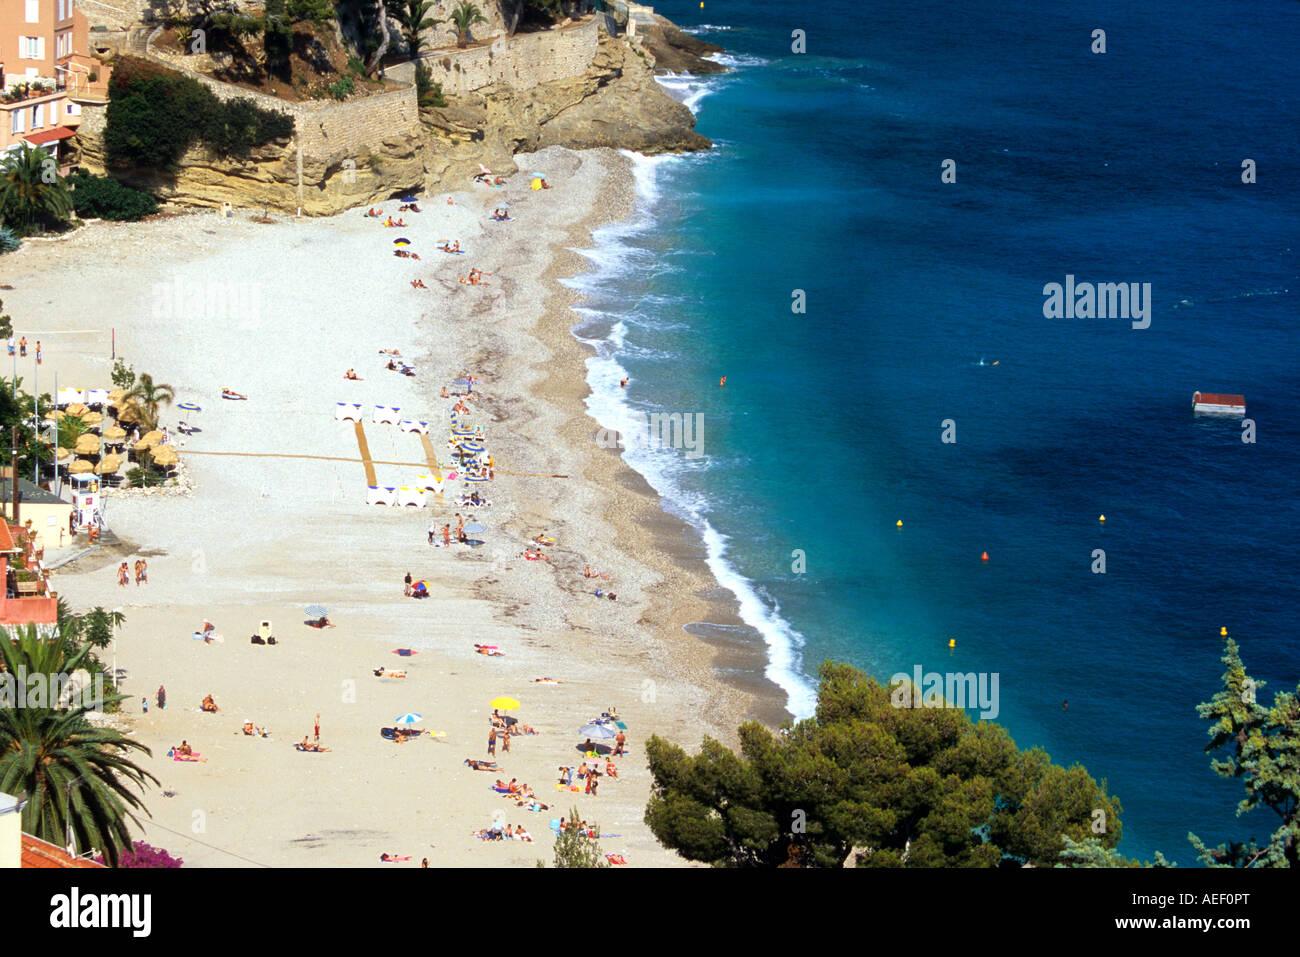 Roquebrune plage de cabbe cap martin alpes maritimes 06 - Piscine azureva roquebrune cap martin ...